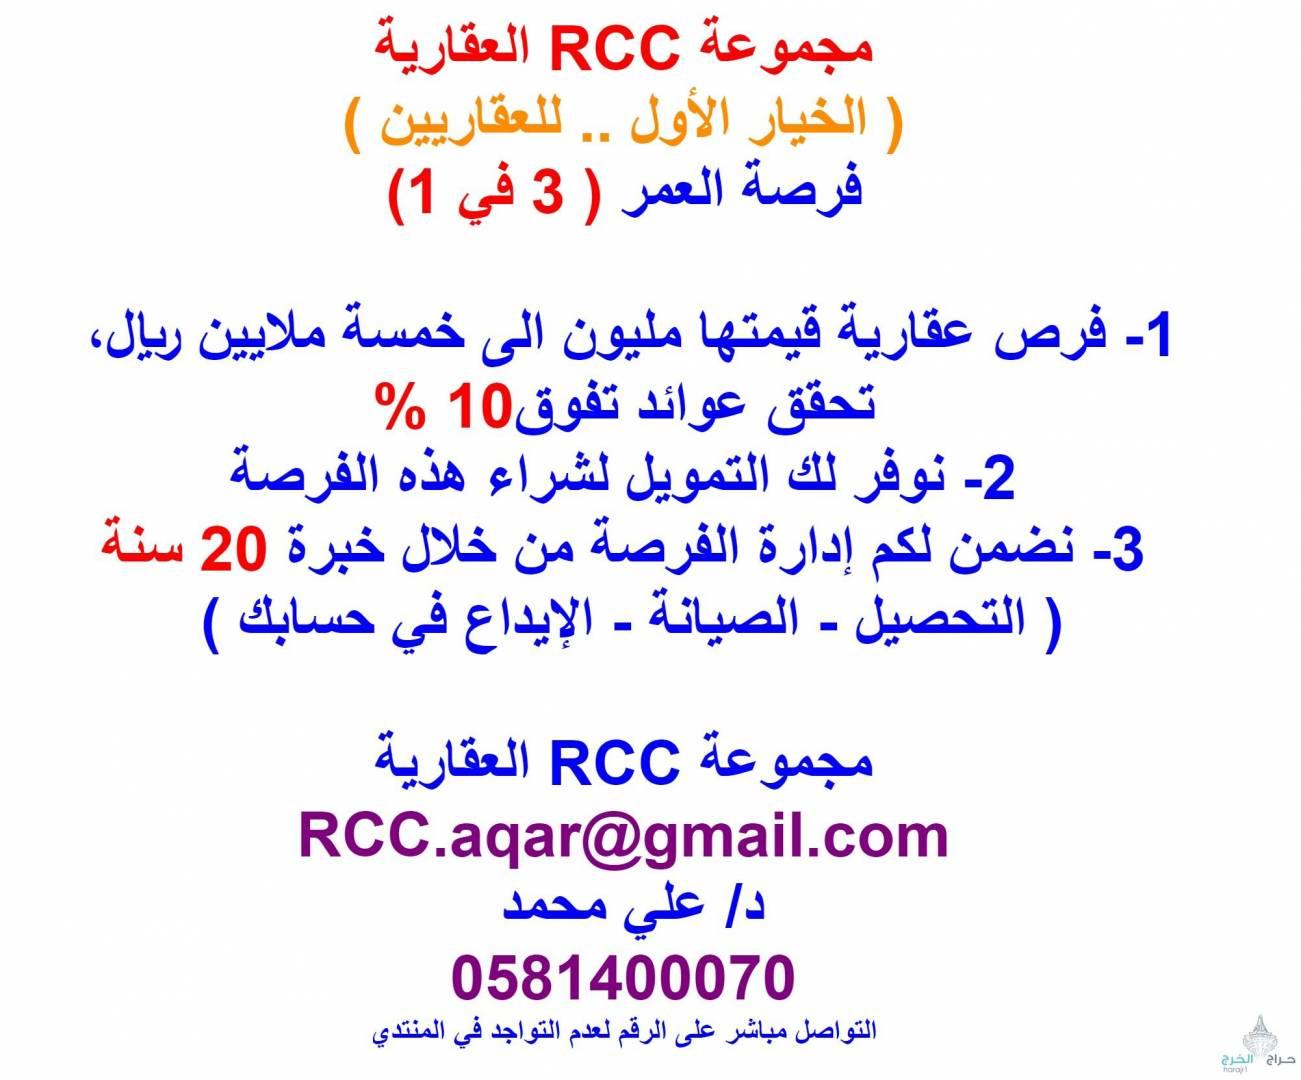 مجموعة,RCC,العقارية,فرص,عقارية,قيمتها,مليون,الى,خمسة,ملايين,تحقق,عوائد,تصل 10 %